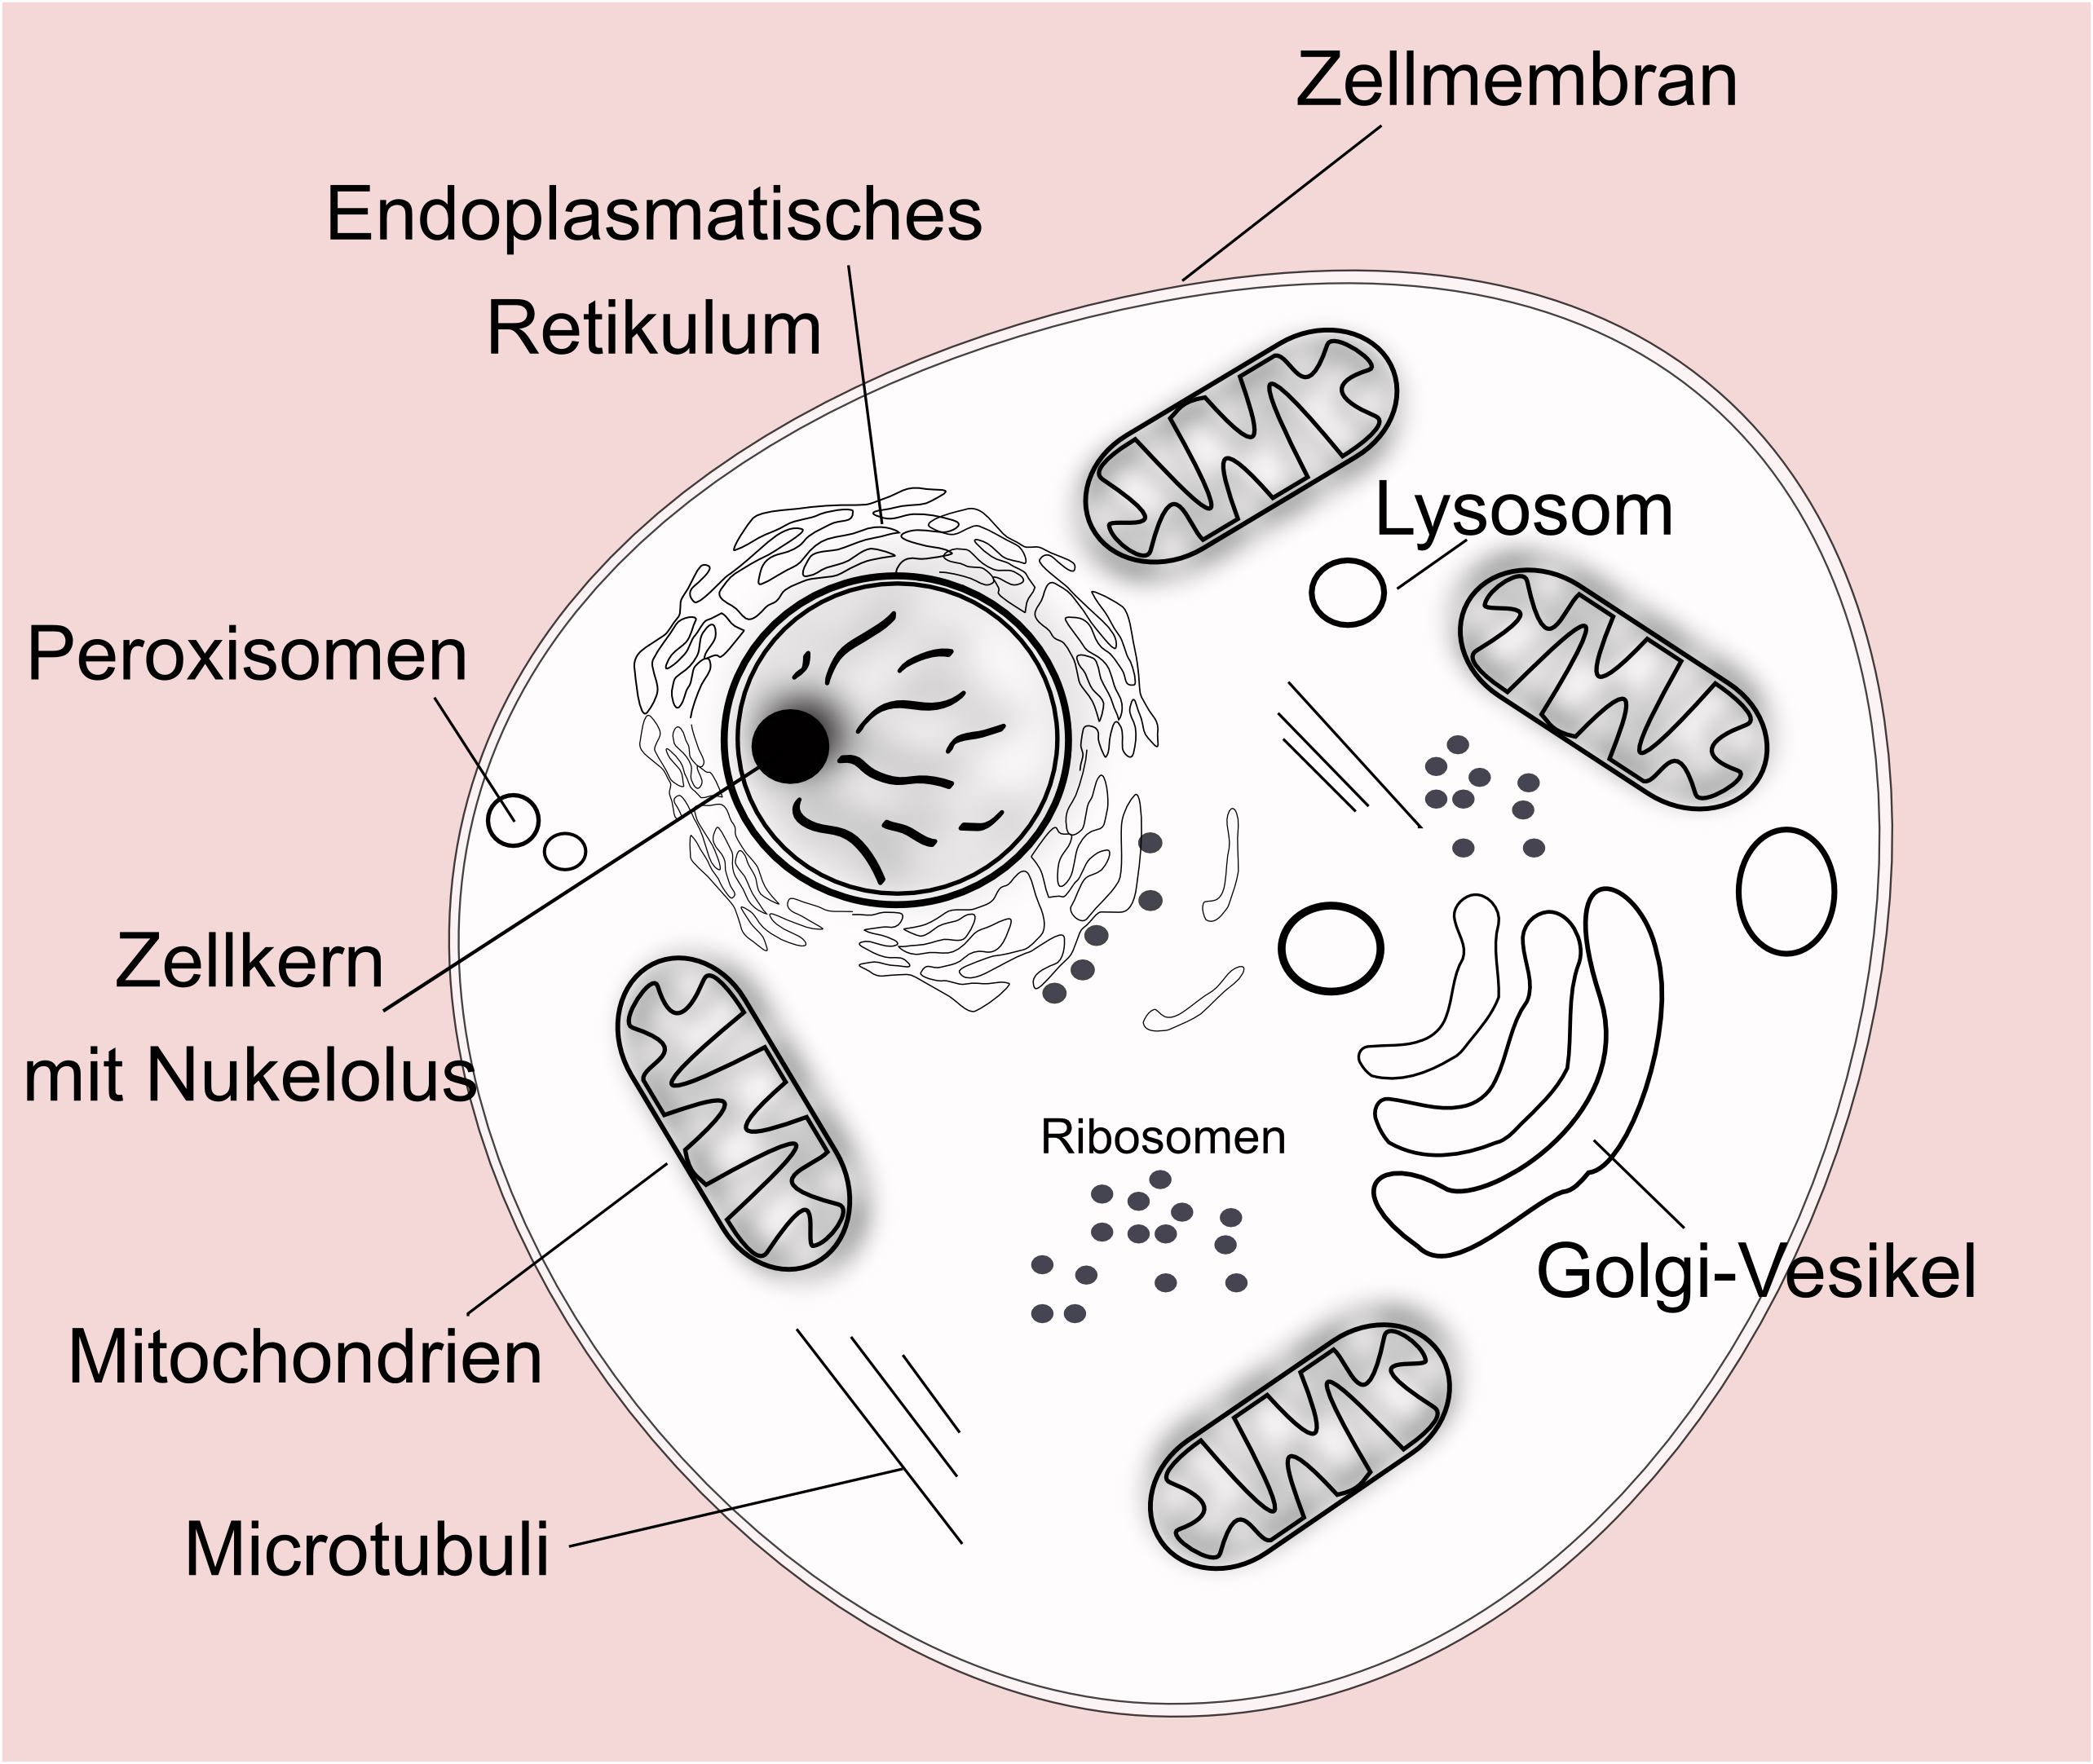 tierische eukaryotische zelle die komplexe zelle enth lt einen zellkern der mensch. Black Bedroom Furniture Sets. Home Design Ideas